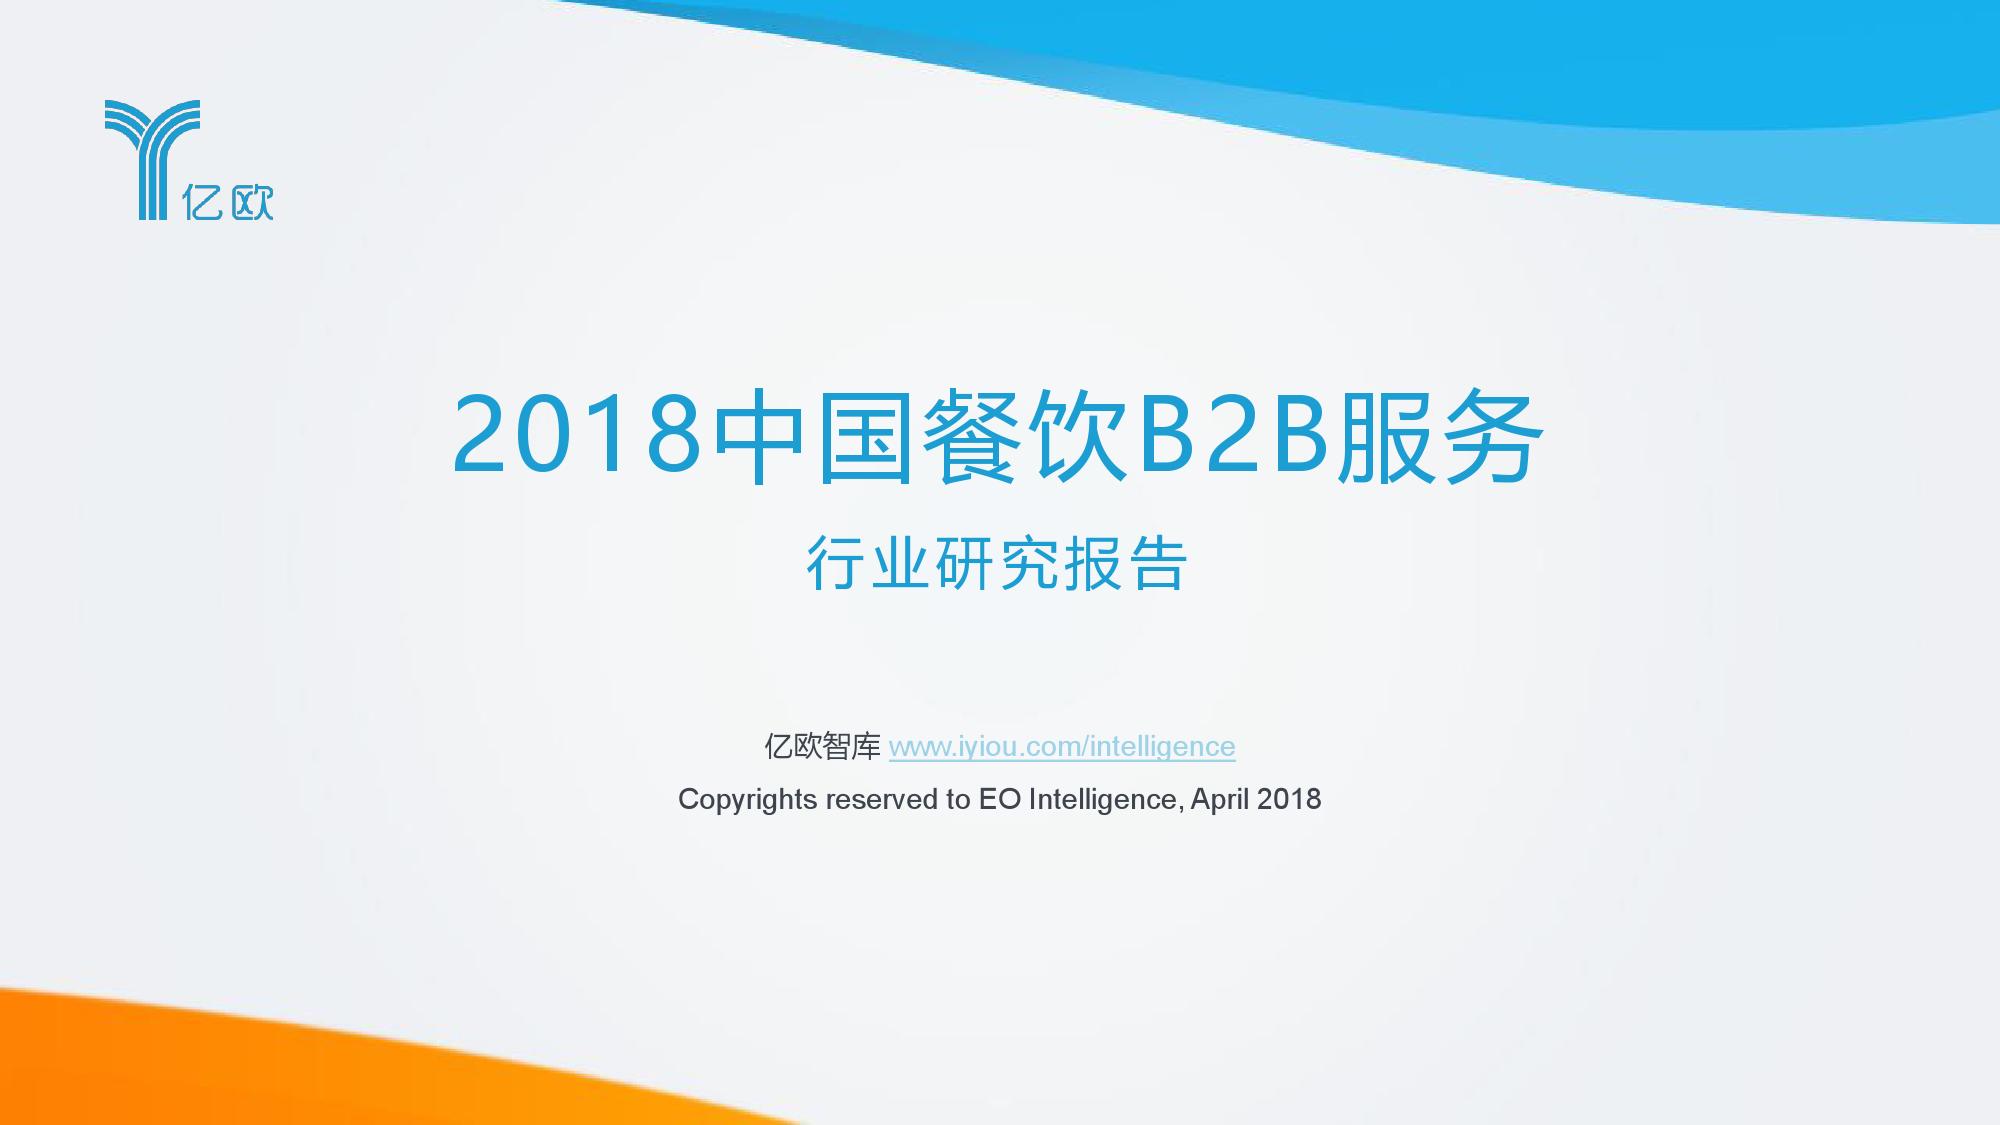 亿欧智库:2018中国餐饮B2B服务行业研究报告(附下载)